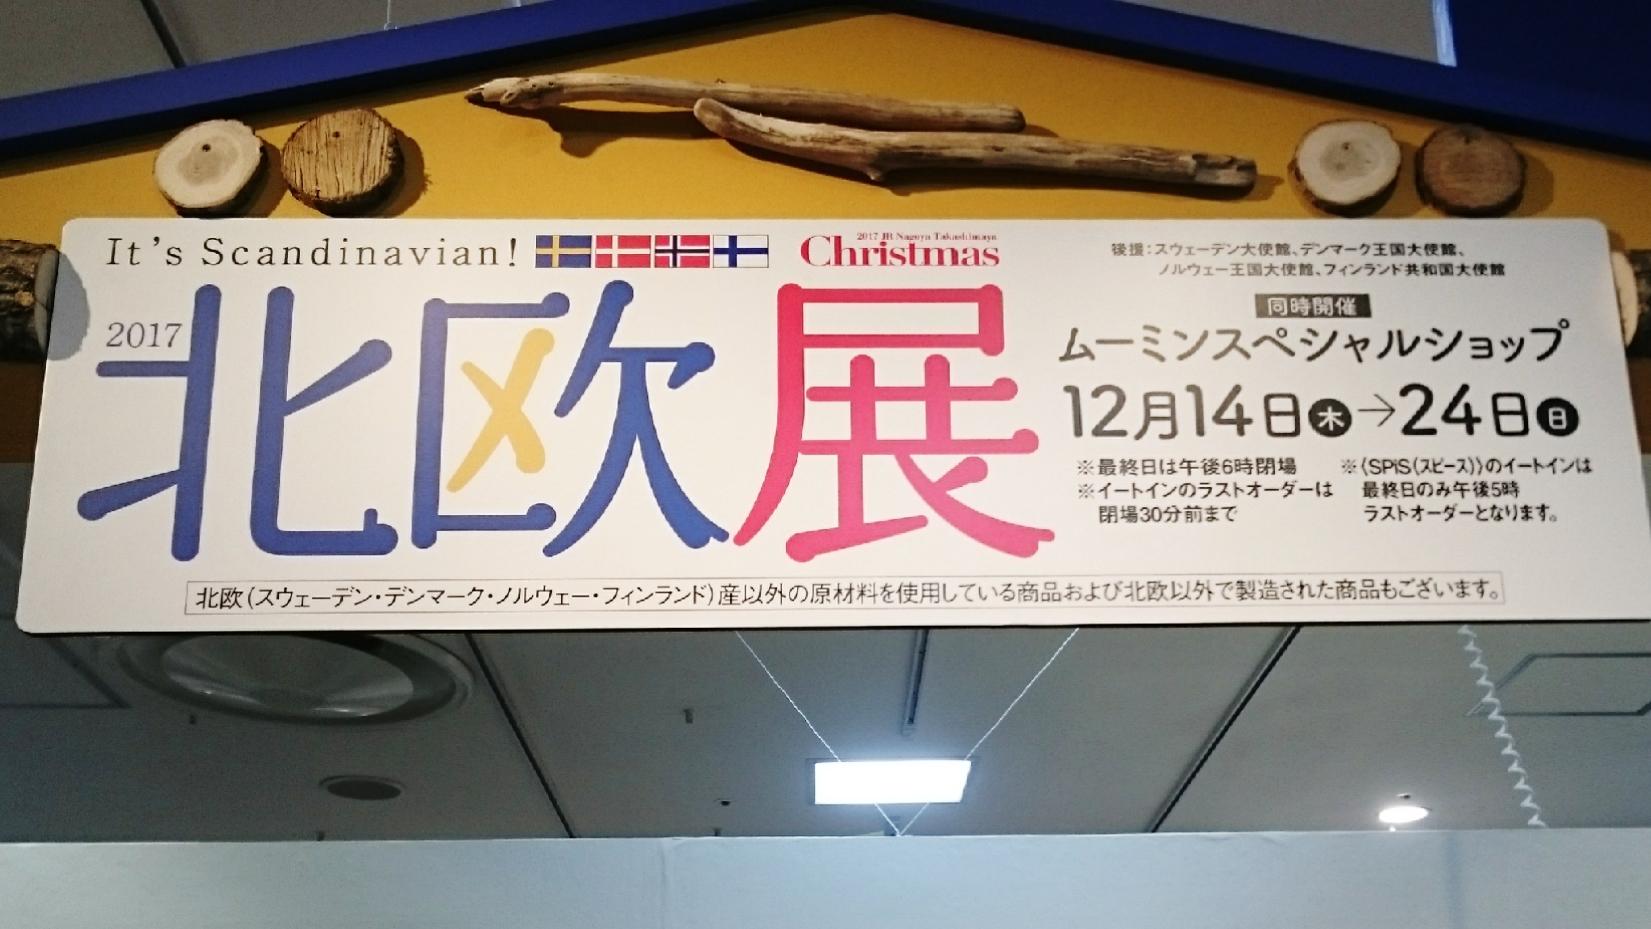 今年も開催!JR名古屋高島屋【北欧展】&【ムーミンスペシャルショップ】